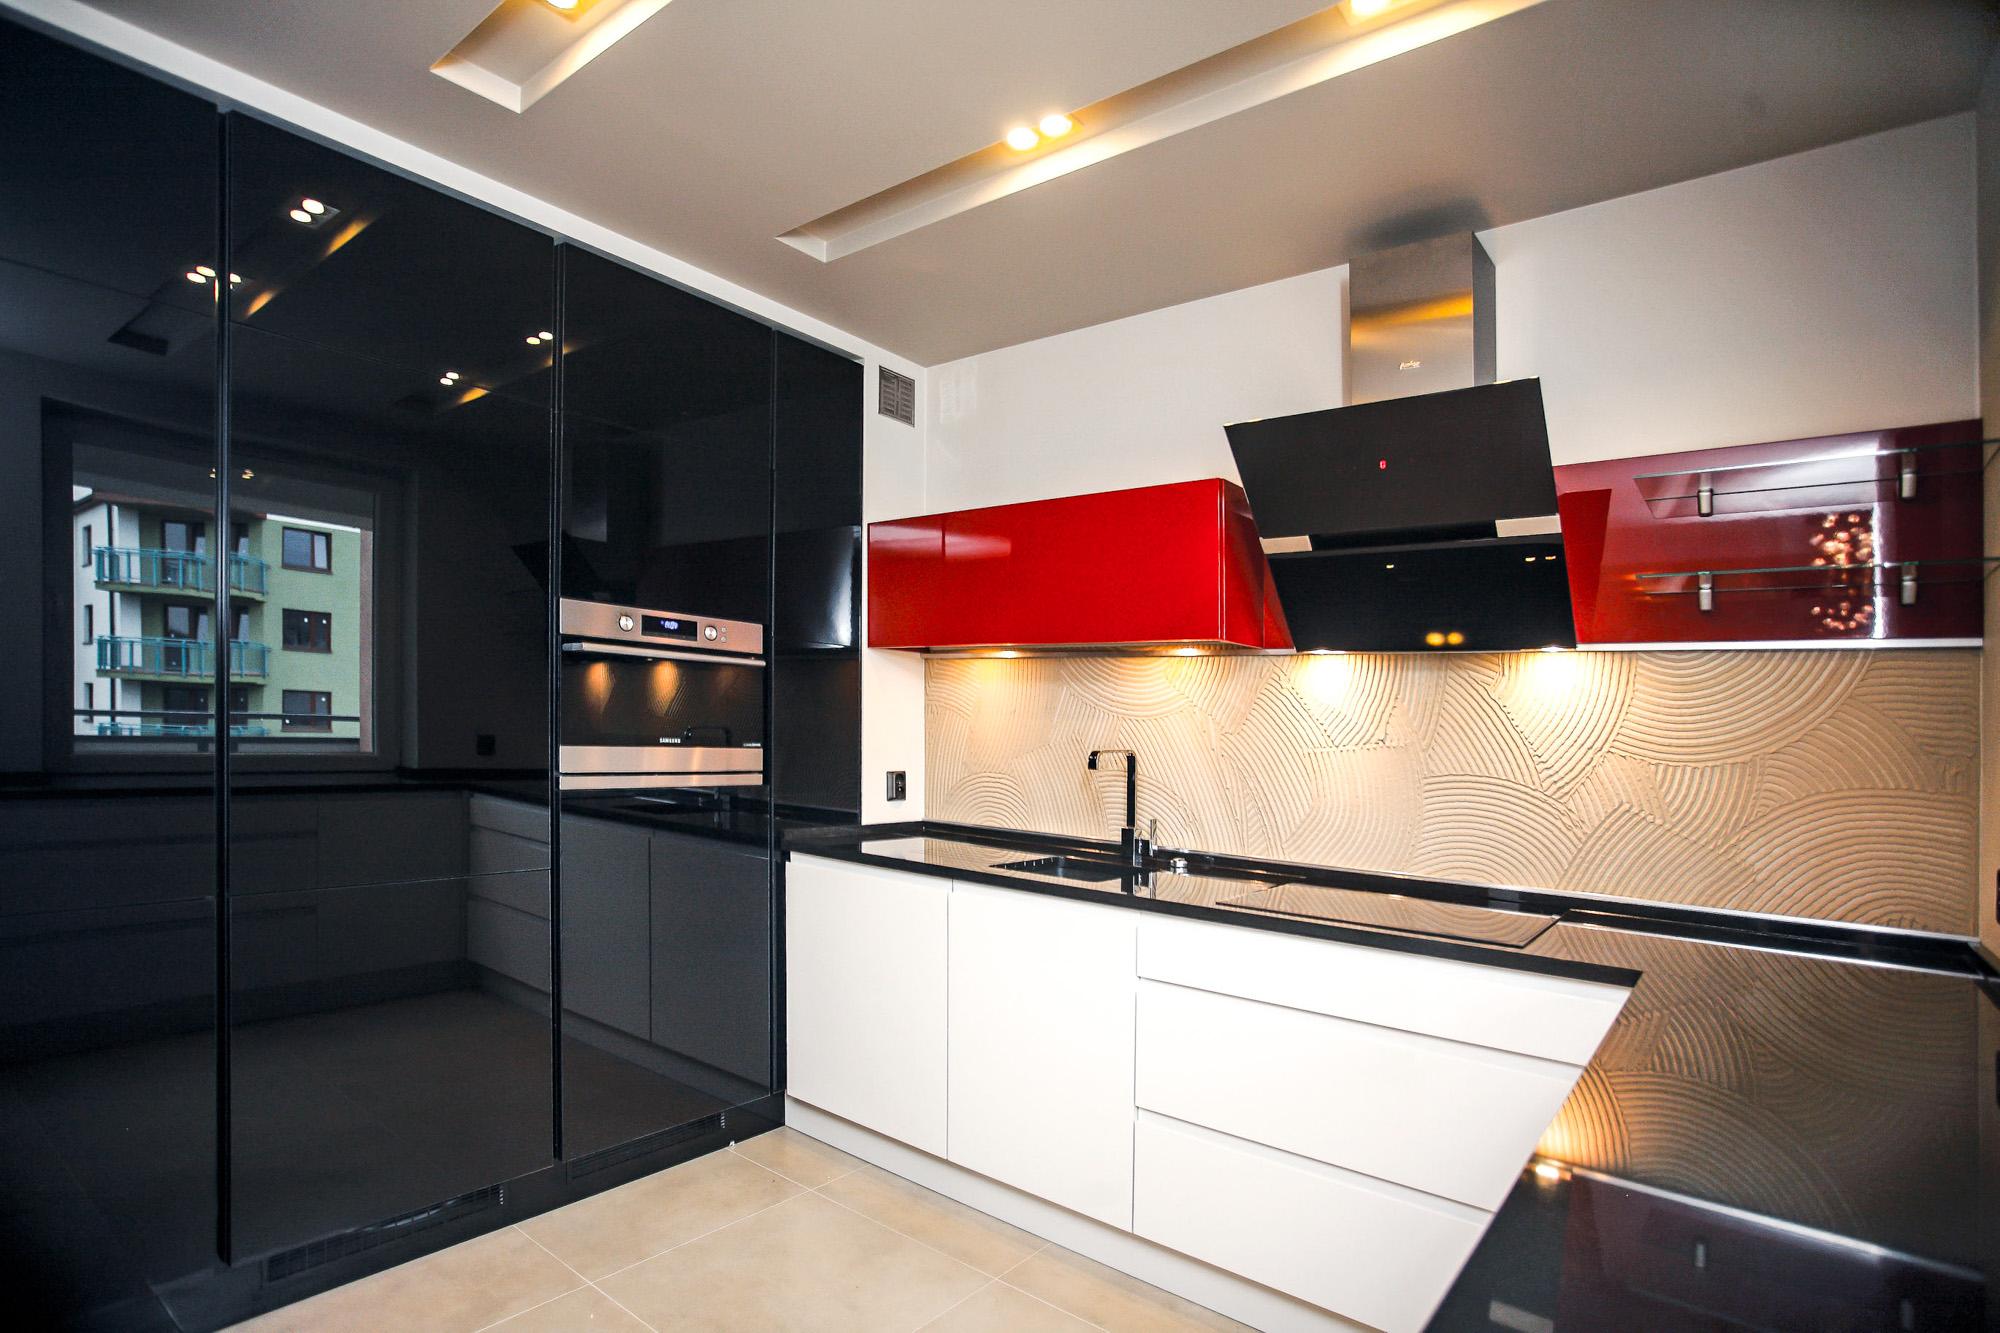 Kuchnia nowoczesna – zestawienie bieli, czerni i czerwieni